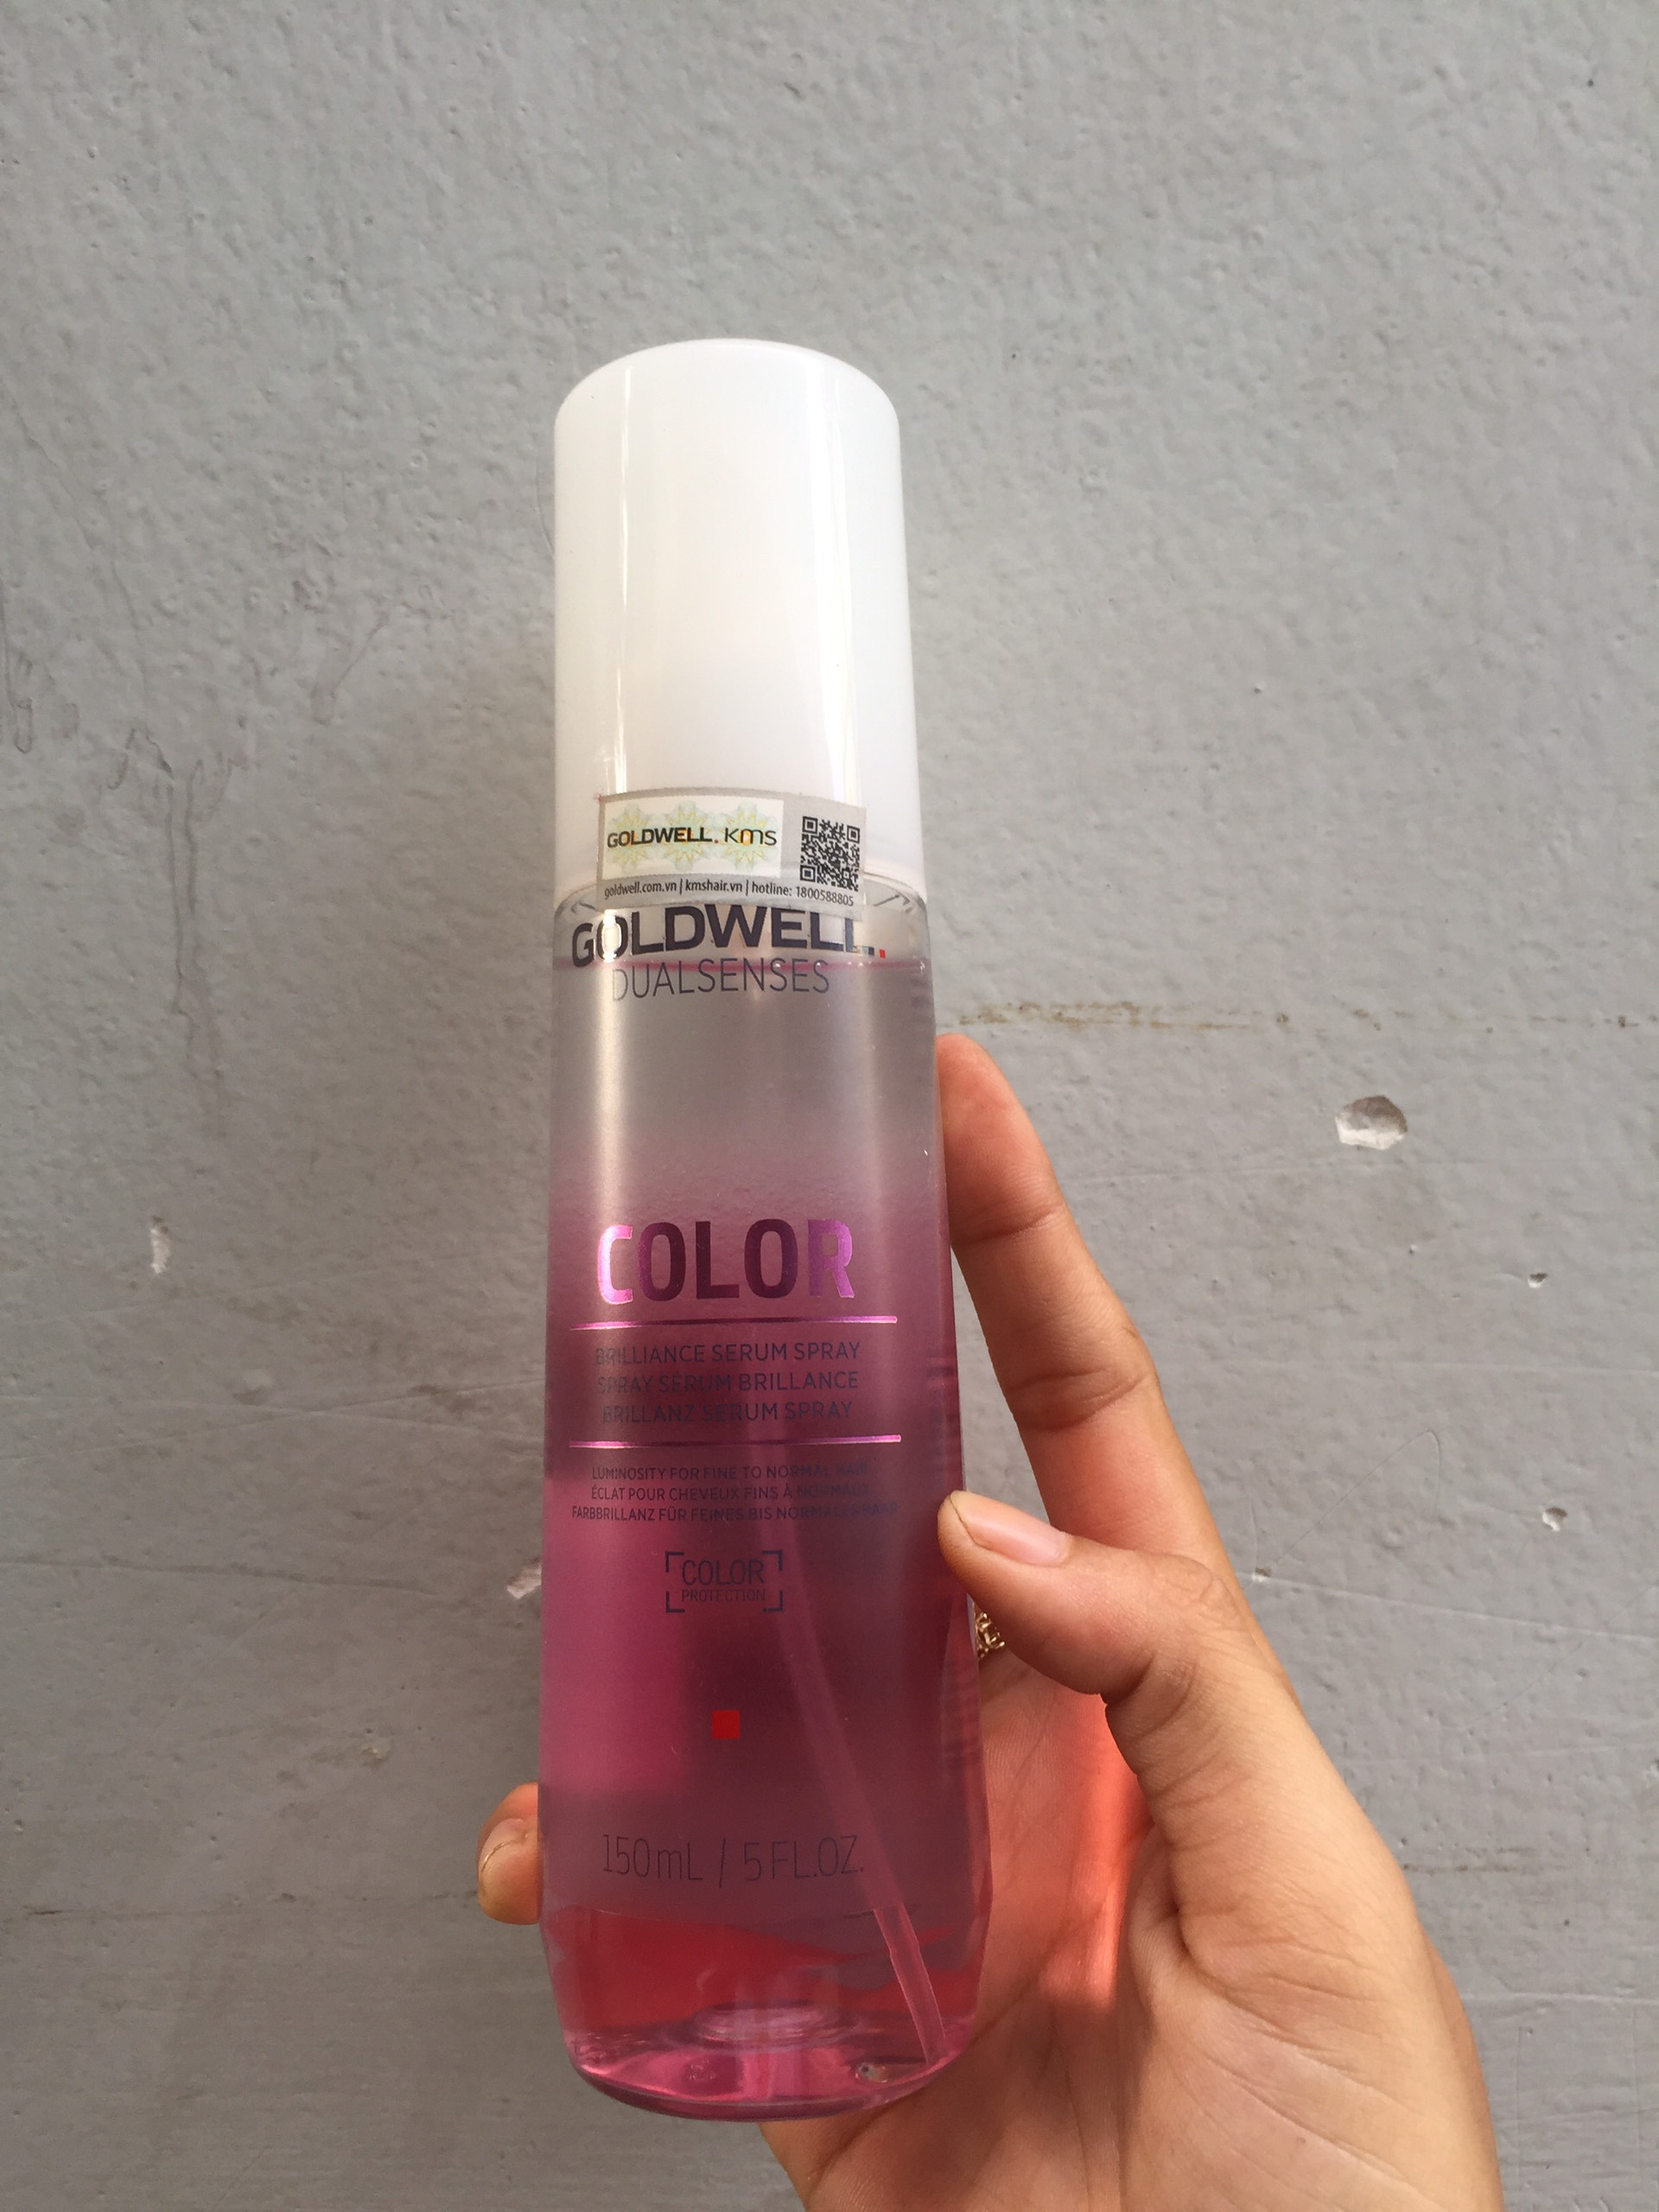 Xịt dưỡng màu tóc siêu mềm mượt Goldwell Color 150ml